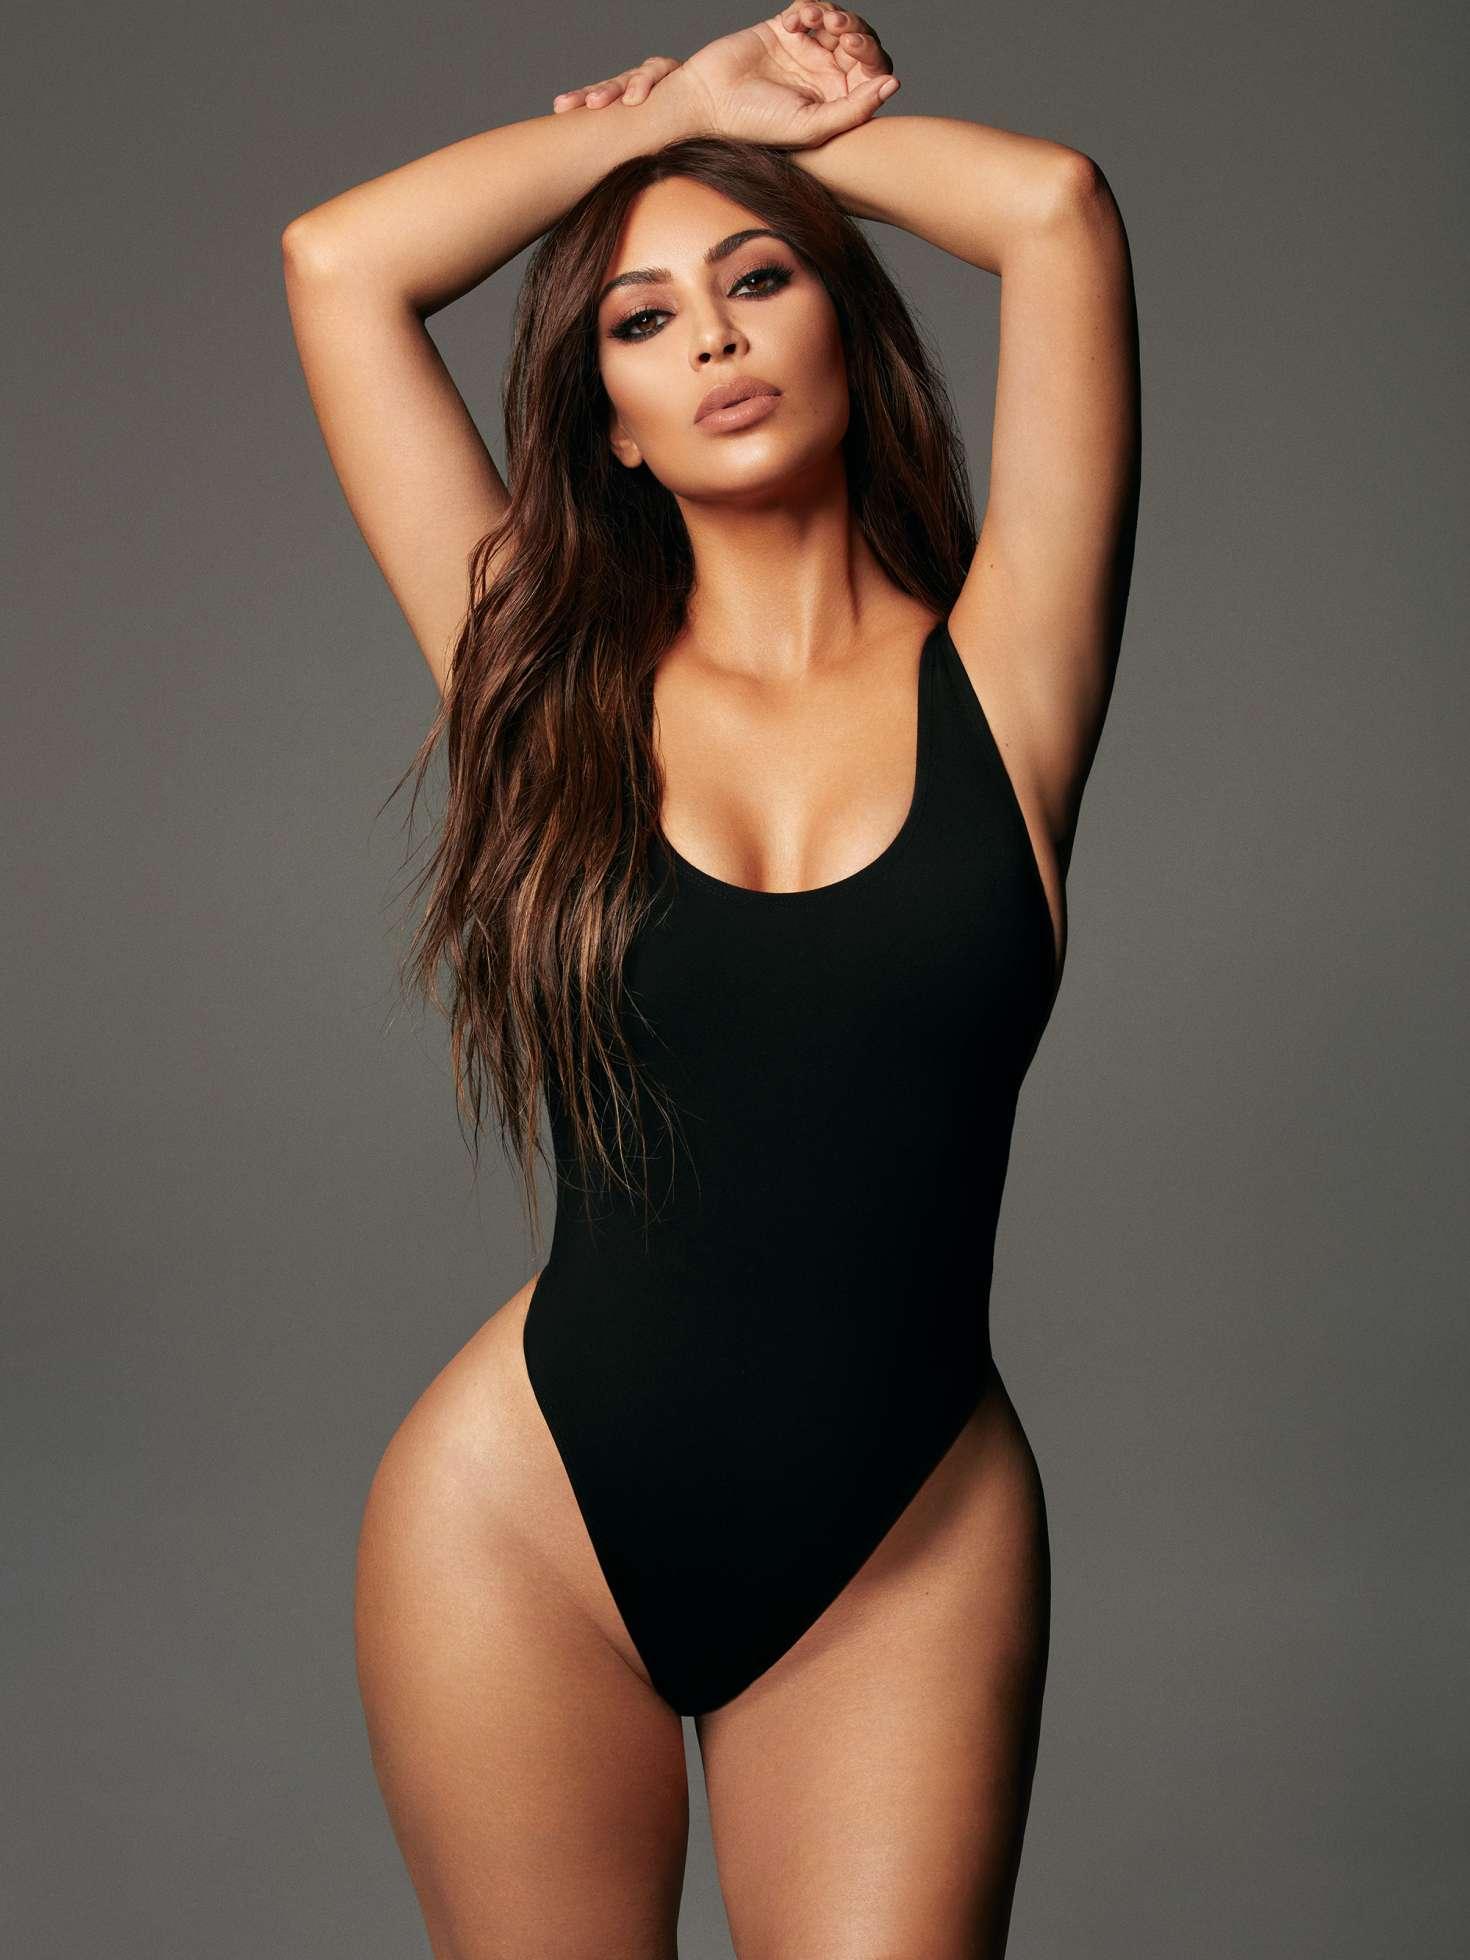 Kim Kardashian - KKW x Mario by Greg Swales 2018